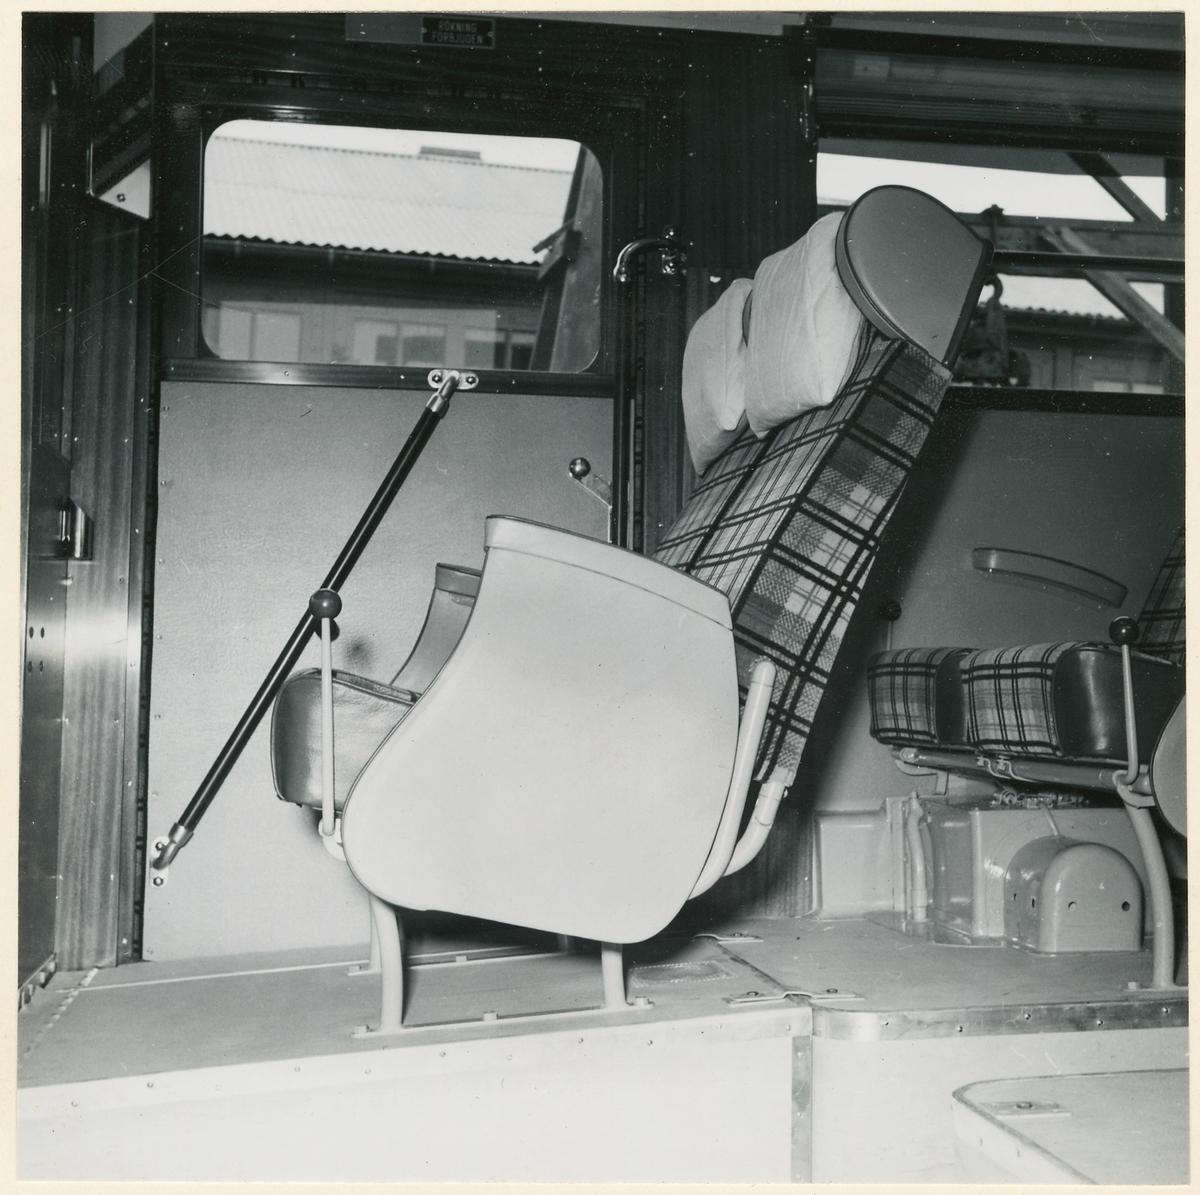 Passagerarstolar i buss.